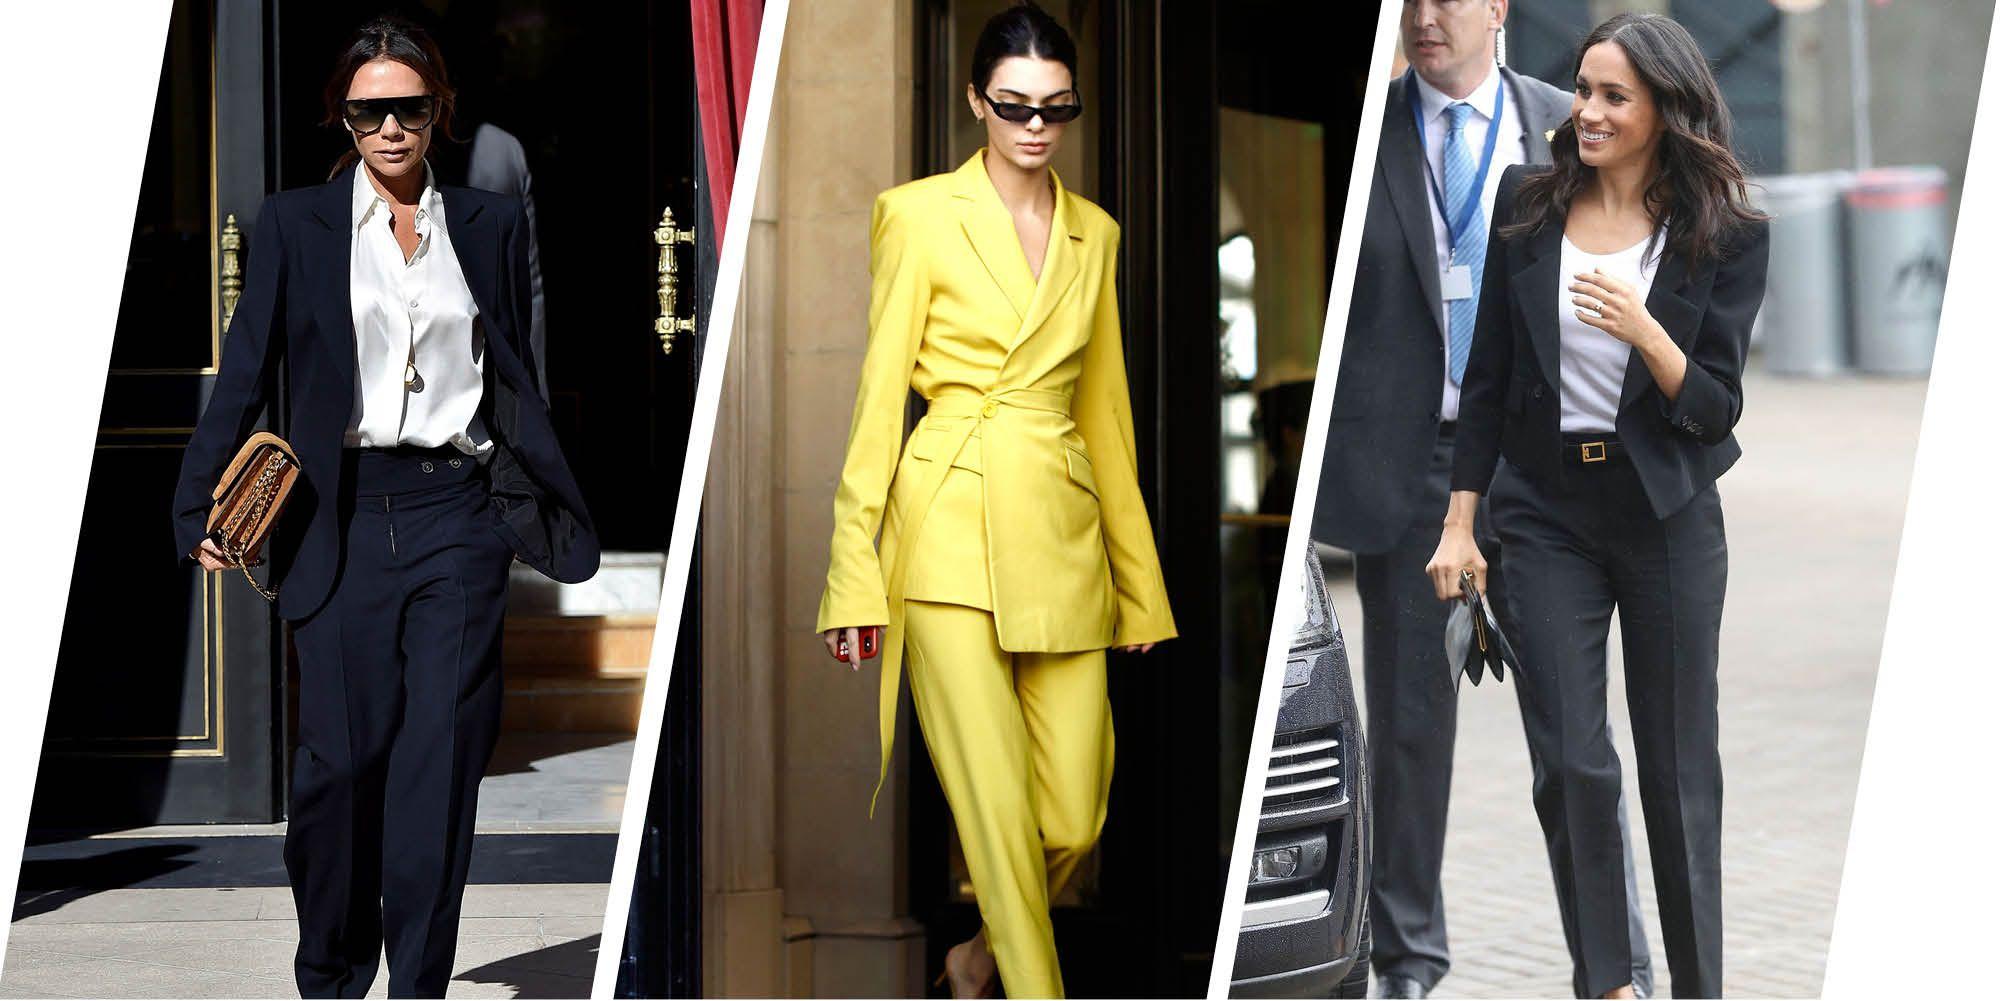 Suits & Sets Fashion Business Office Blazer Women Work Suit Set Blue Jacket Vest Blazer Trousers Pantsuit For Women Autumn Winter 2017